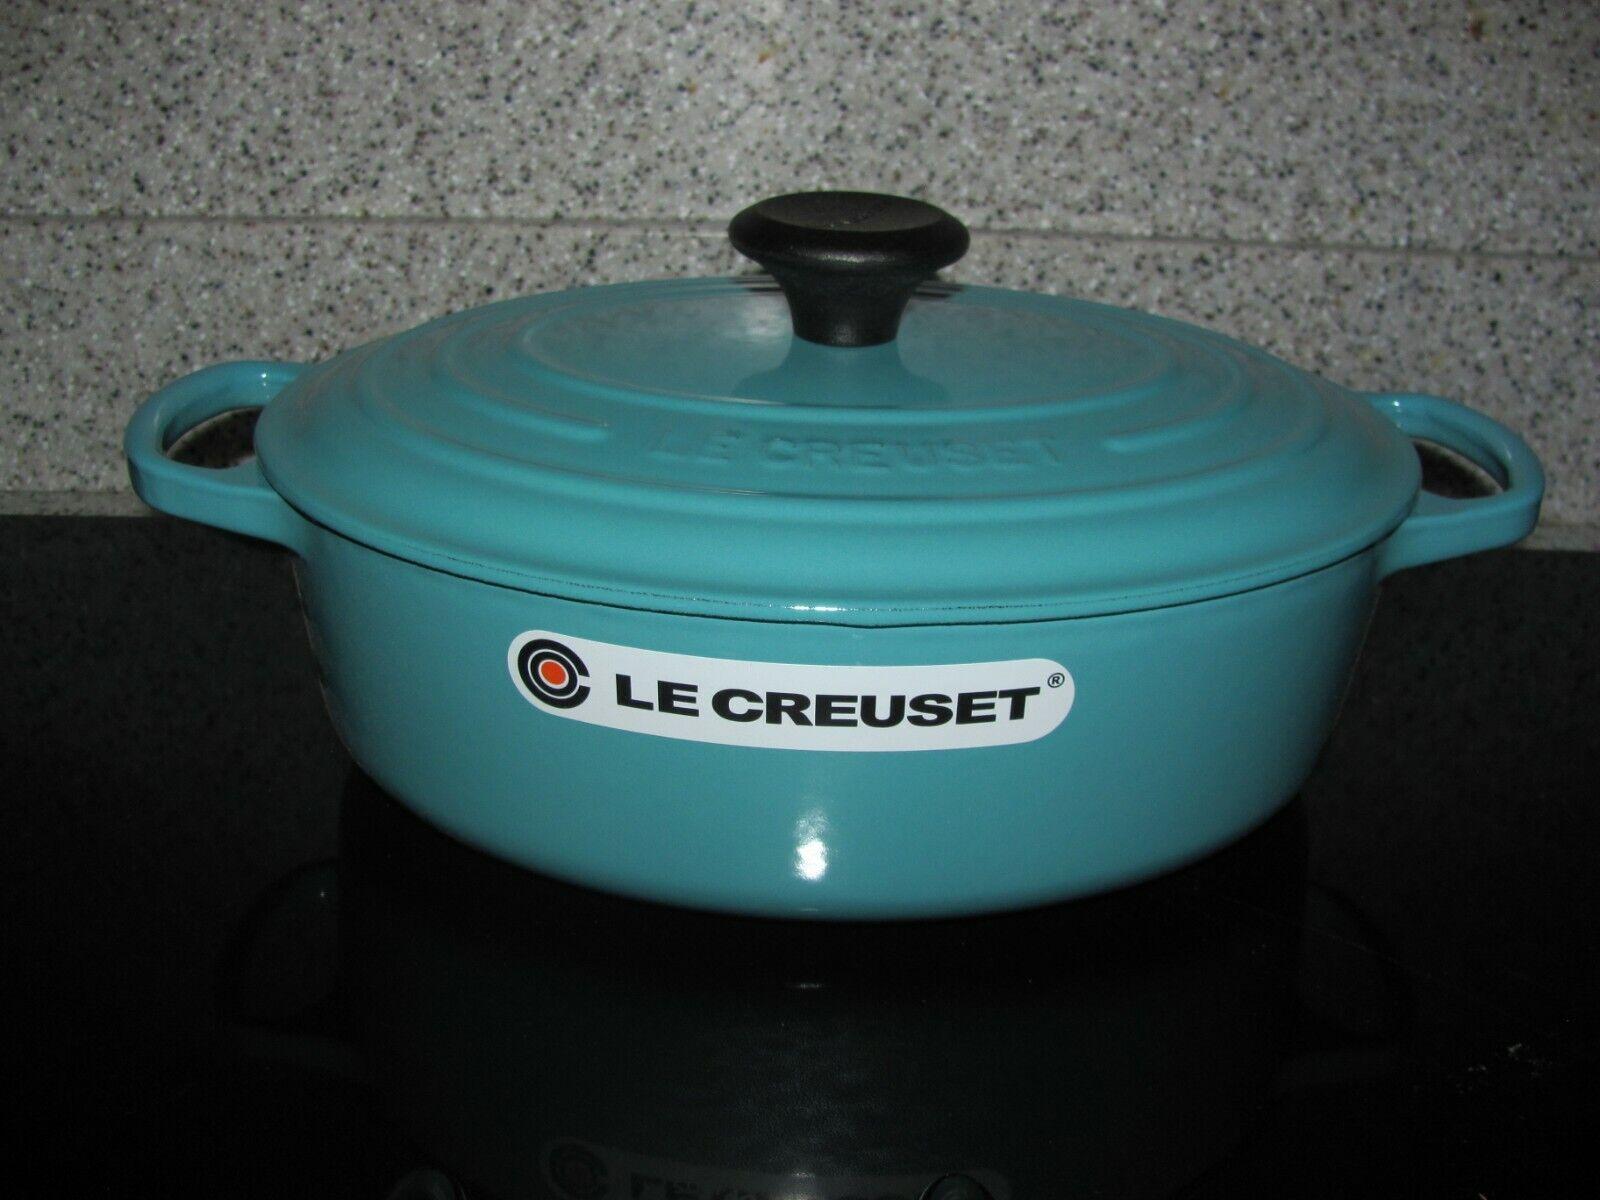 Le Creuset Turquoise/Caribbean Blue 3-1/2 Qt.  Wide Oval  Du